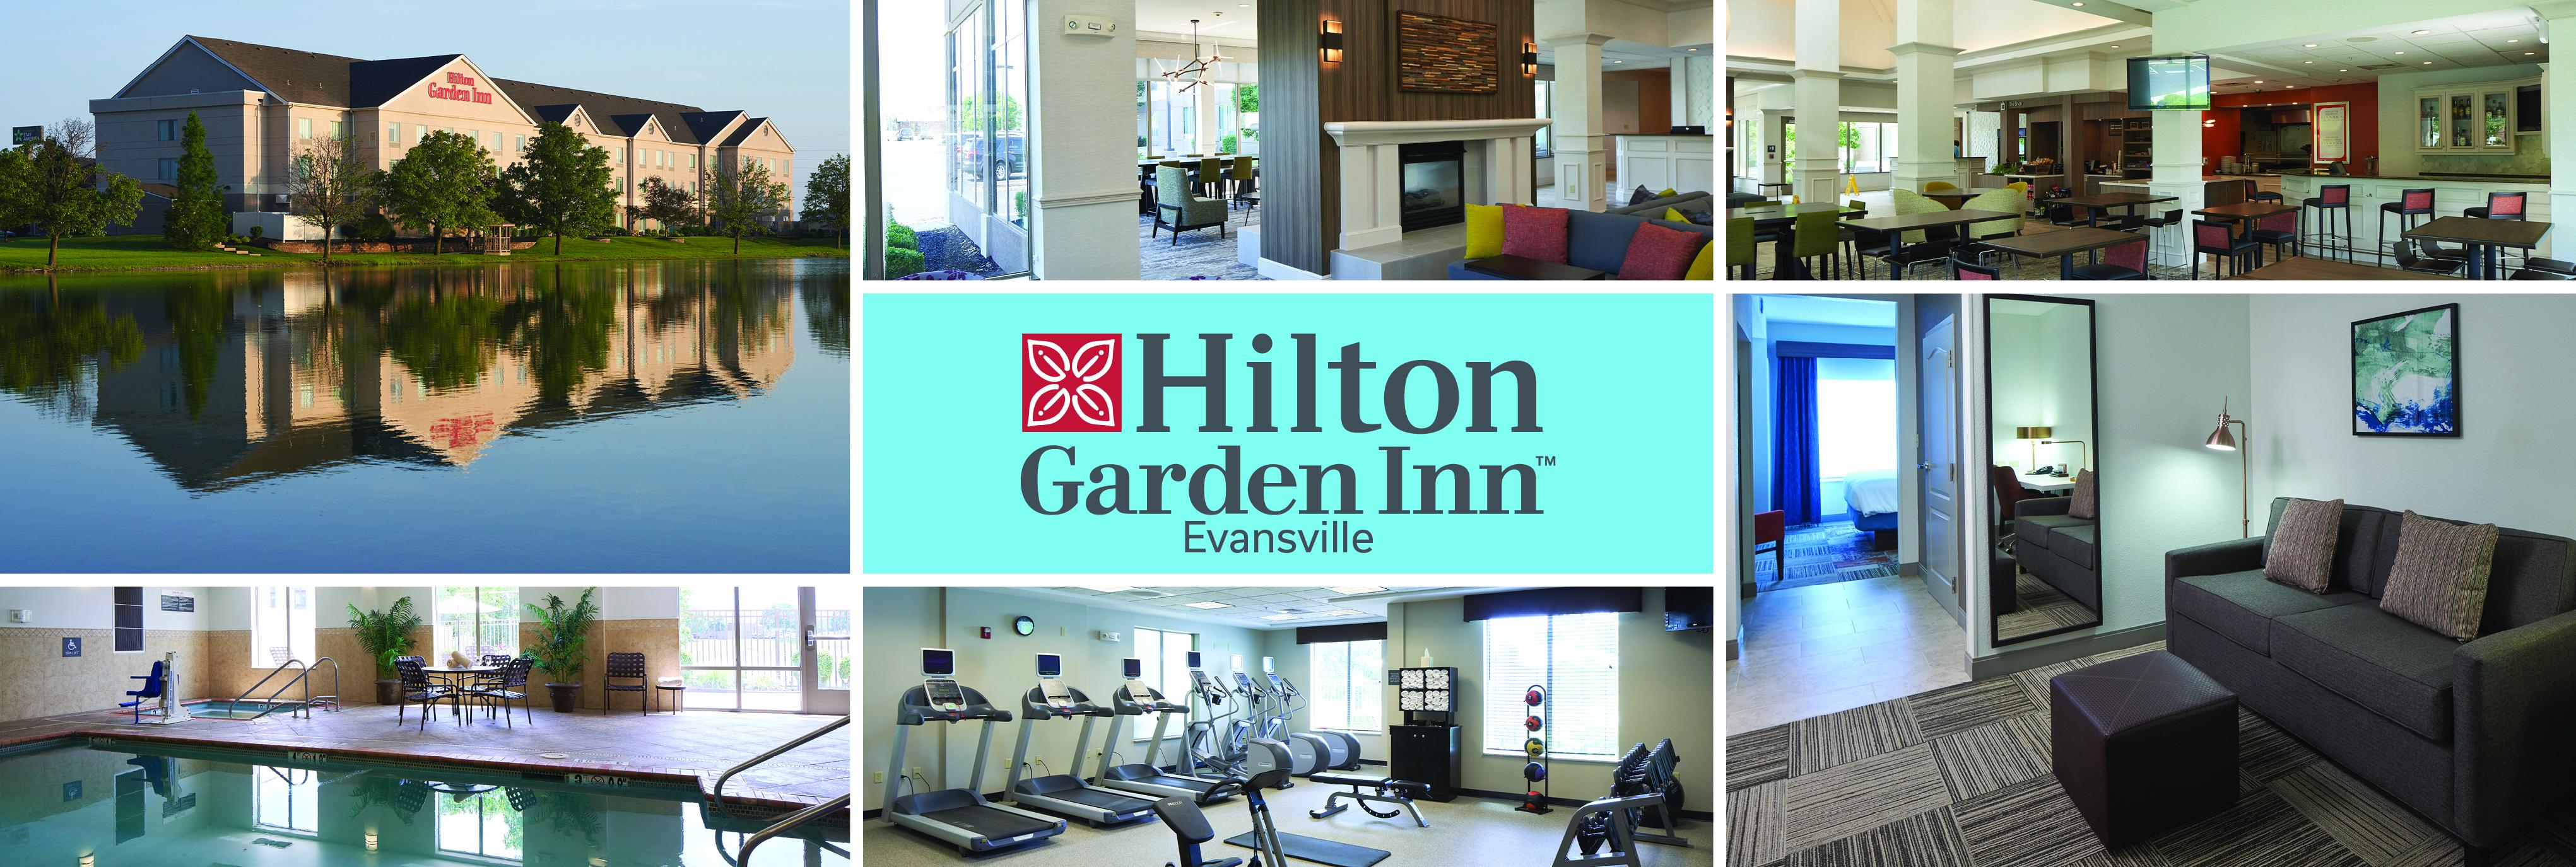 HGI Evansville is a hilton hotel in Evansville, IN